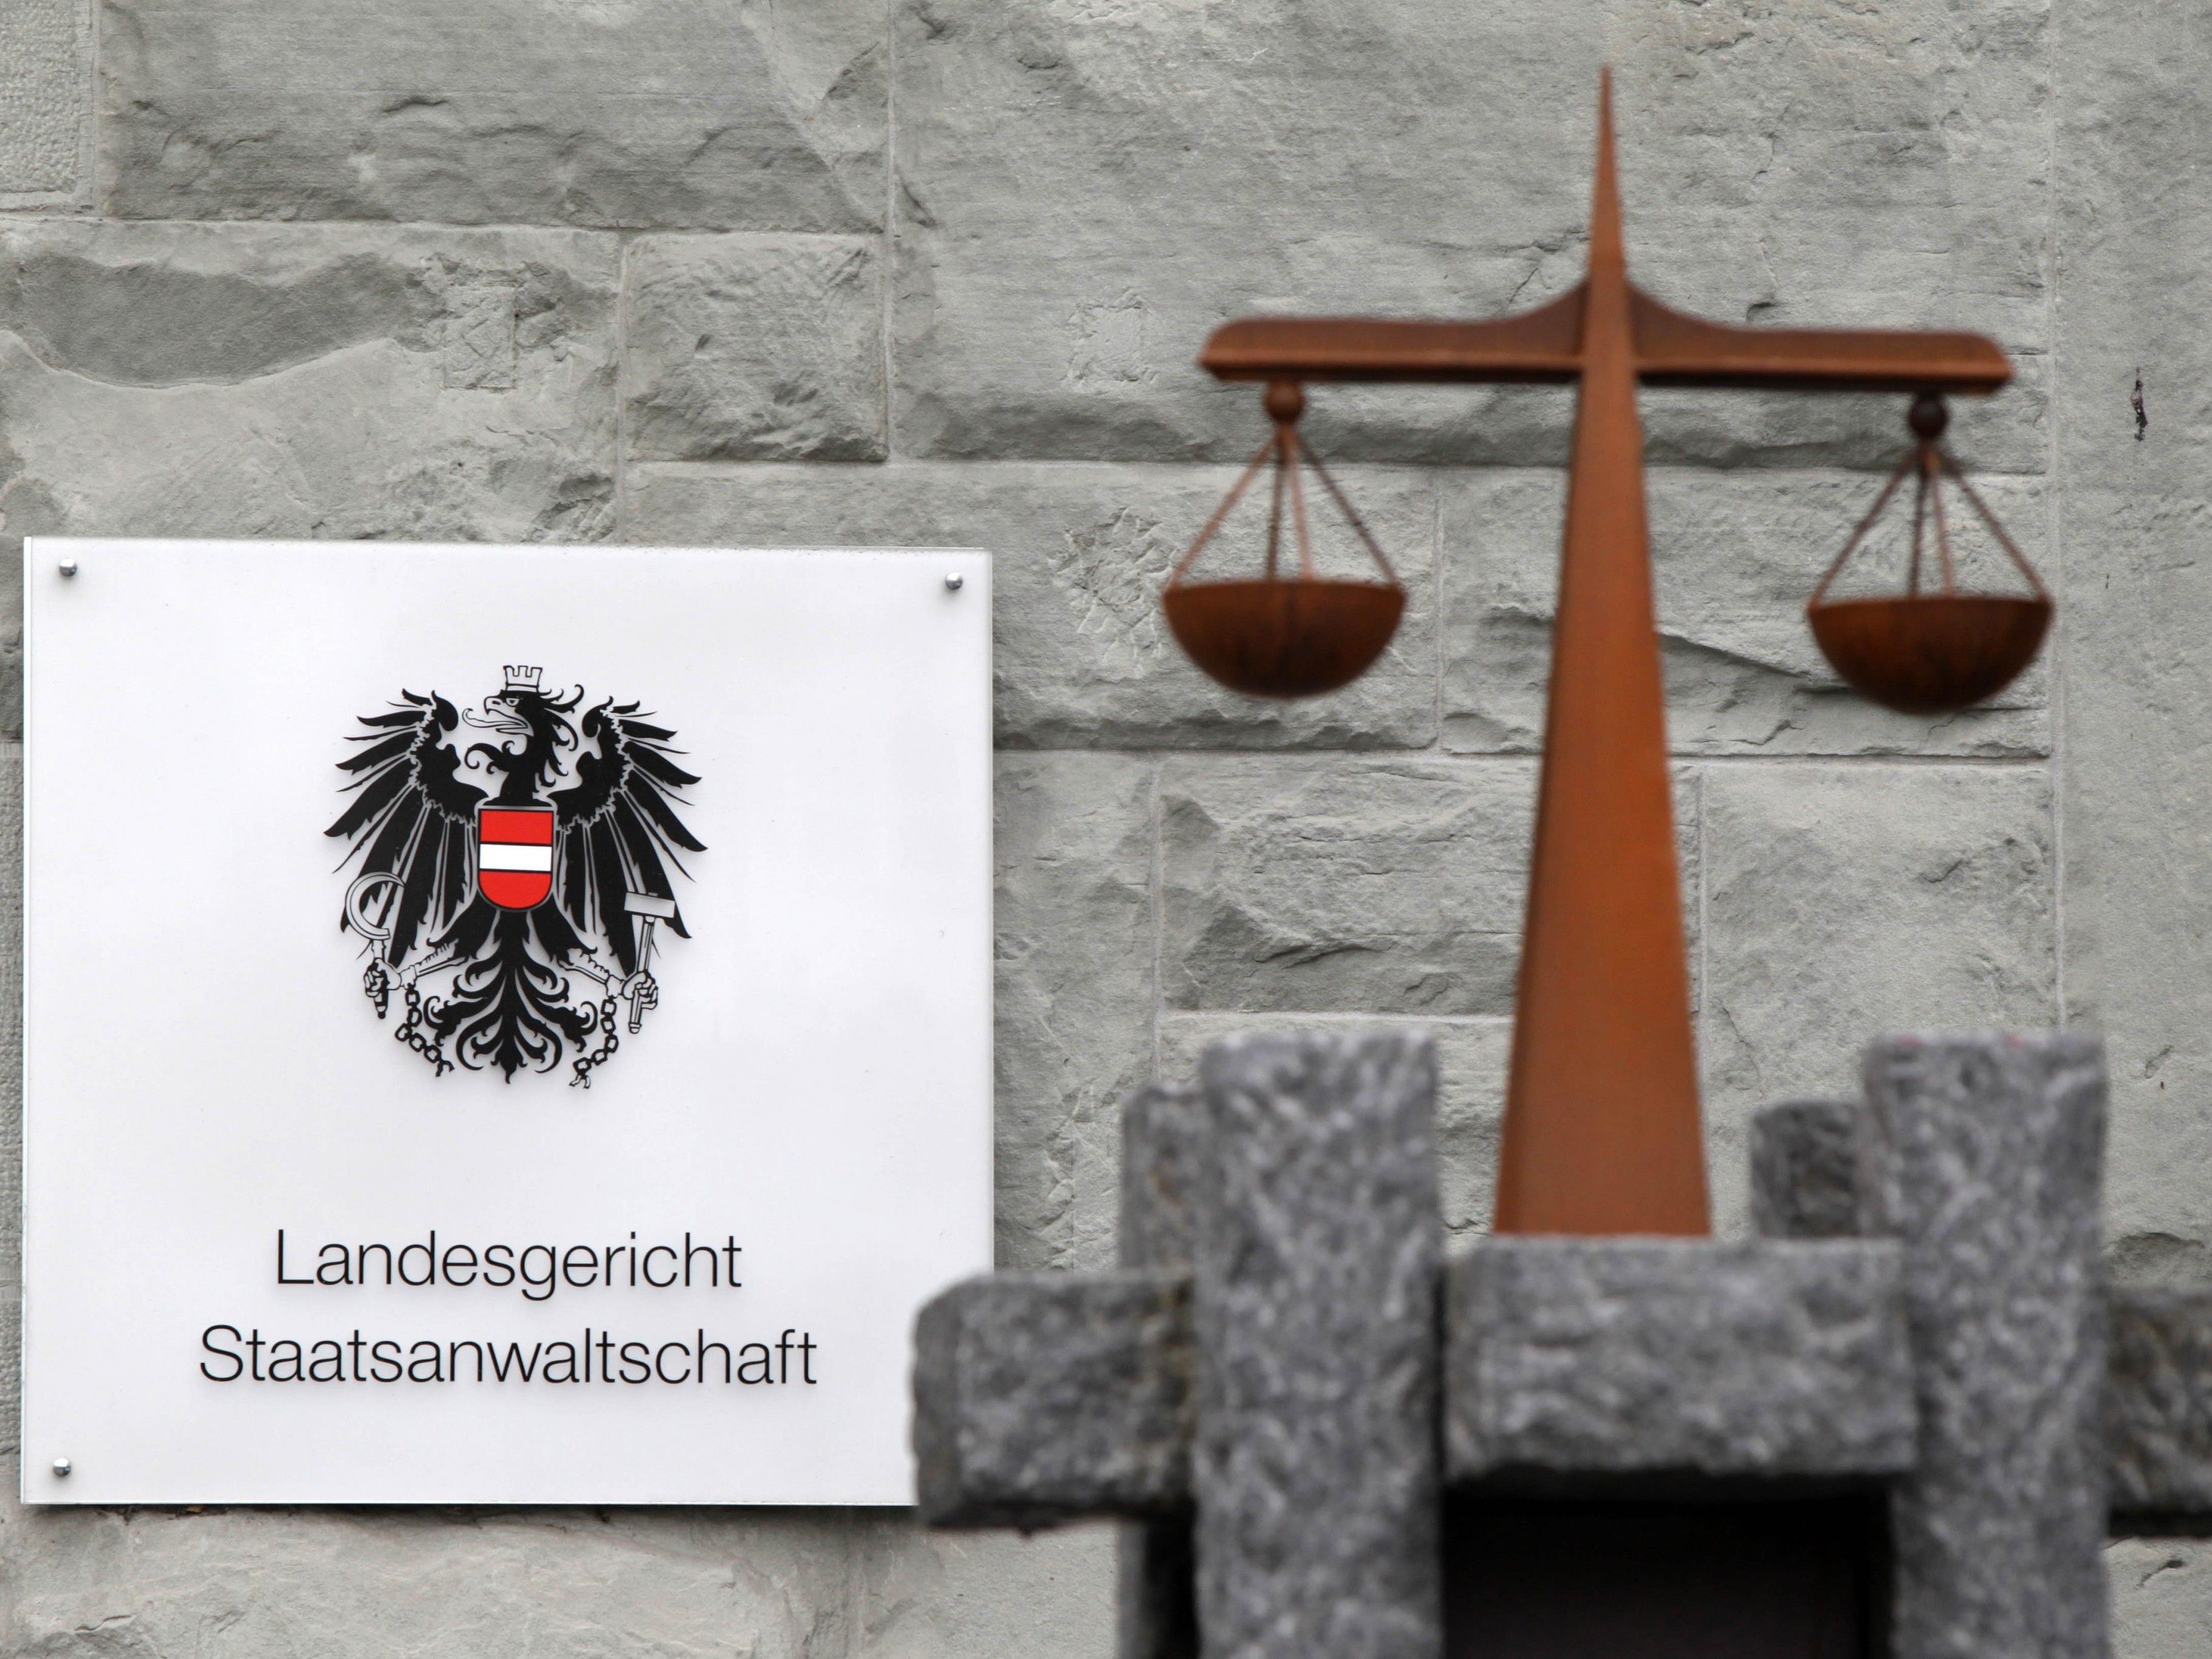 Am Landesgericht wurde ein Mann verurteilt, der seine Ex-Freundin gestalkt hat.